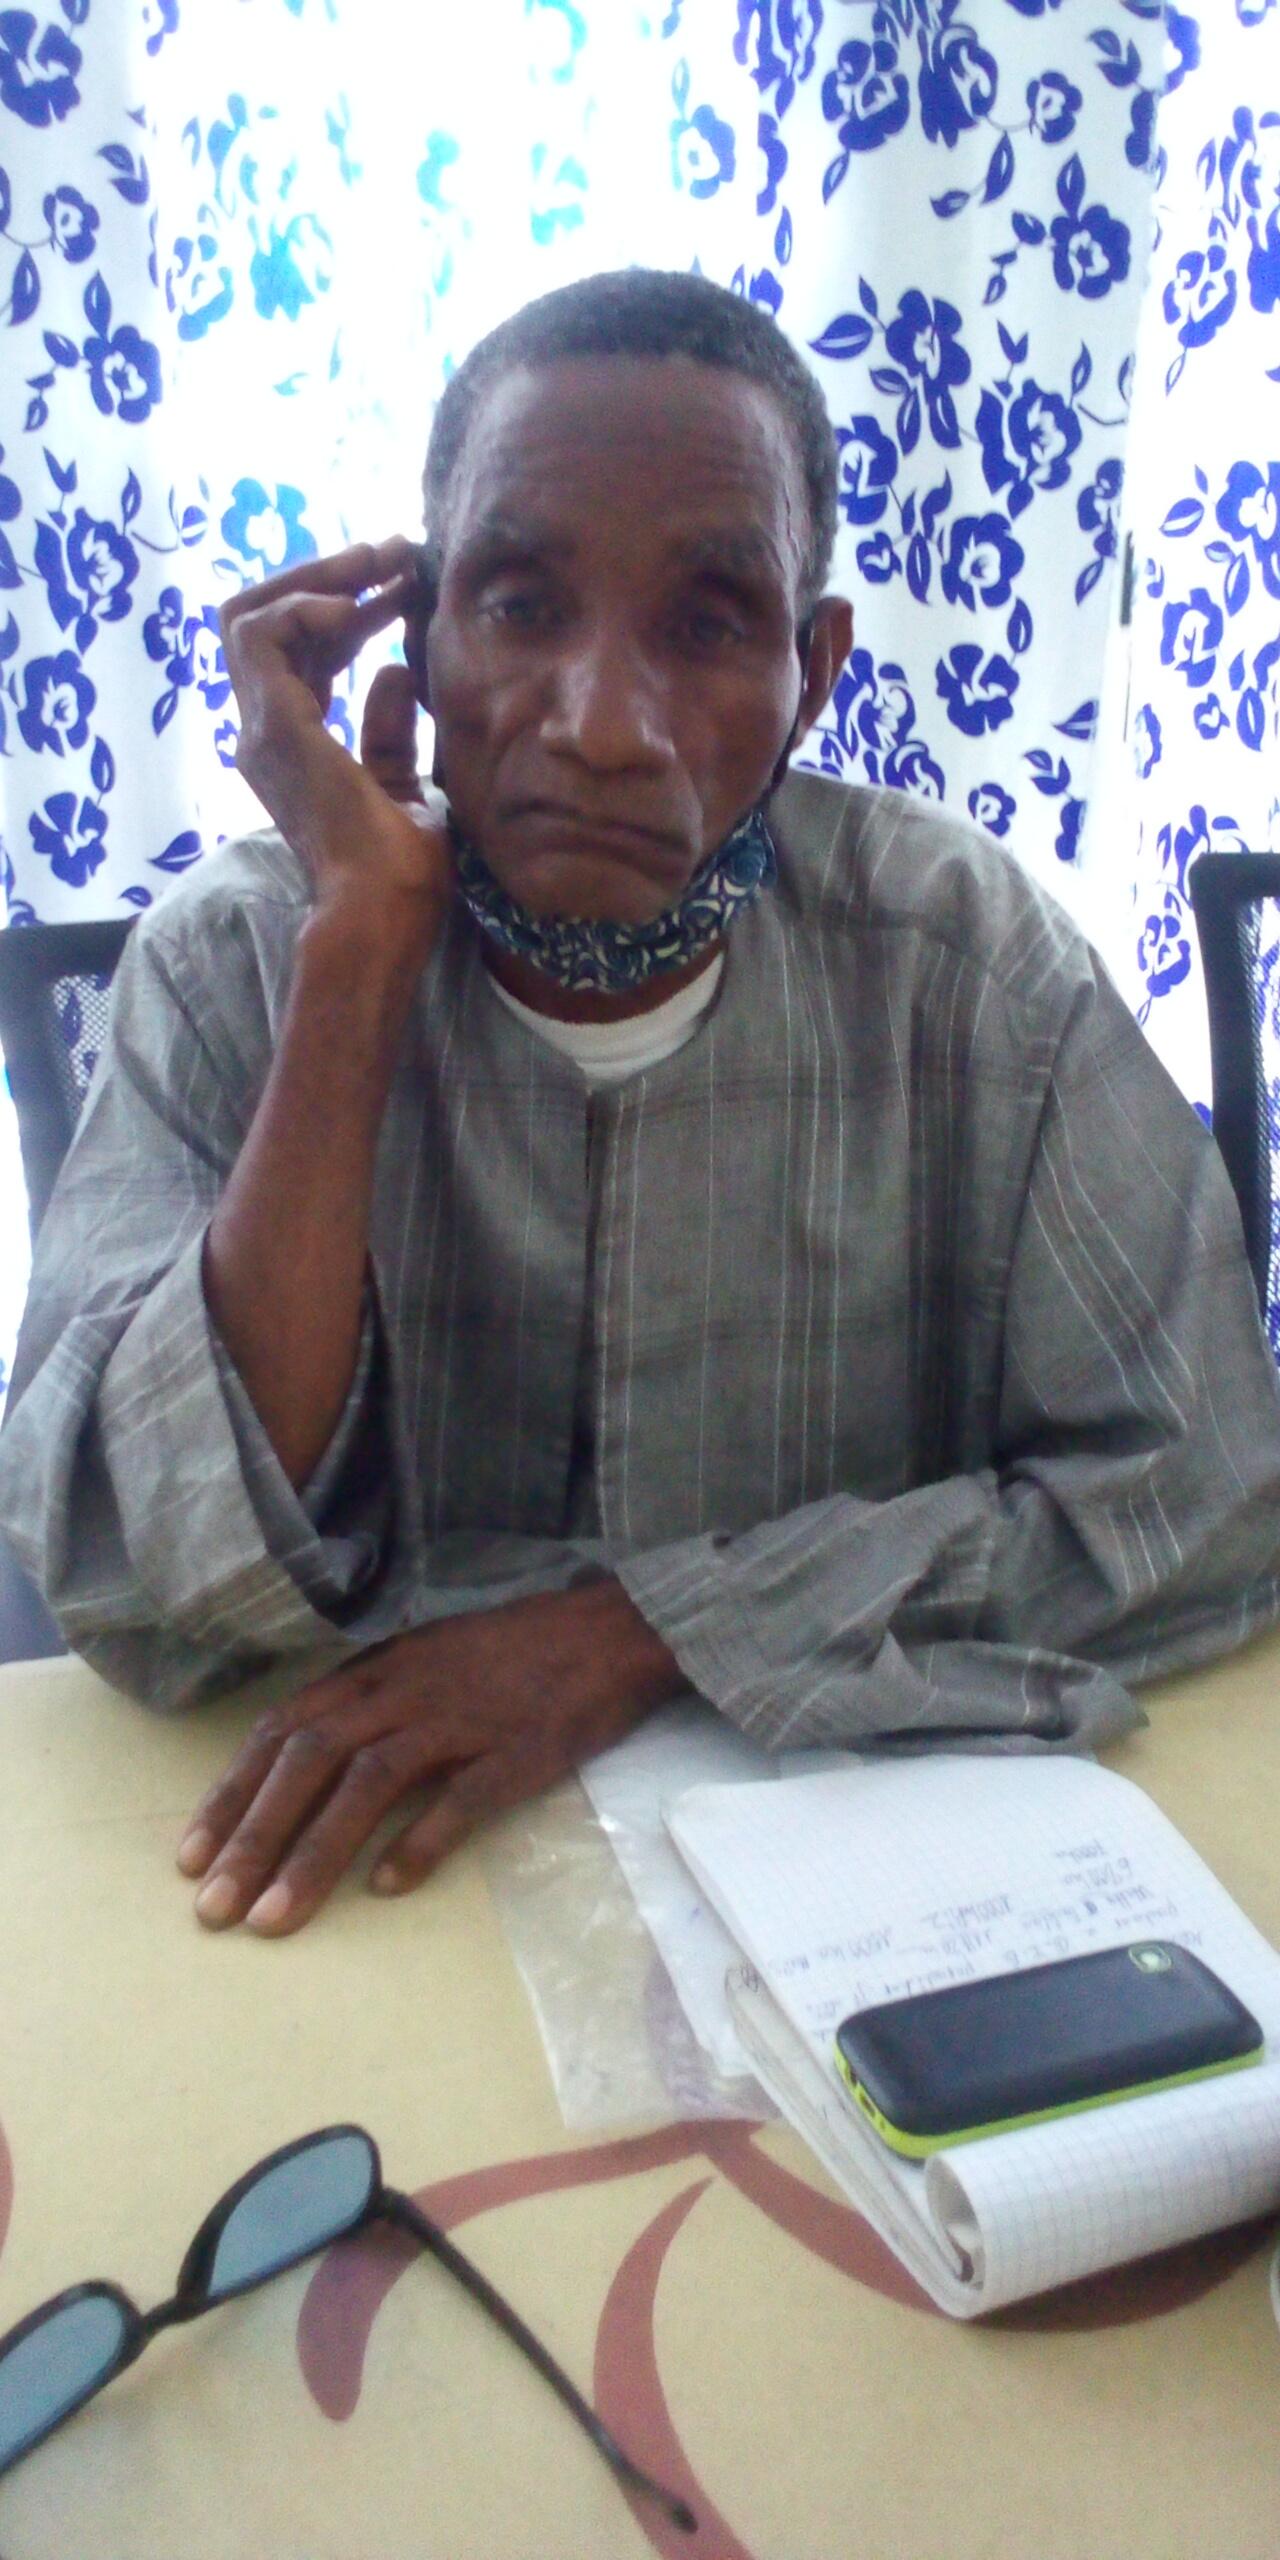 """Babou Dramé coordonnateur d'appui au développement agricole et à l'entrepreneuriat rural (PADAER II) à Kolda : « nous avons doté chaque bénéficiaire d'une carte à code QR qui permet de suivre de manière…sachant que dans le passé il y a..."""""""